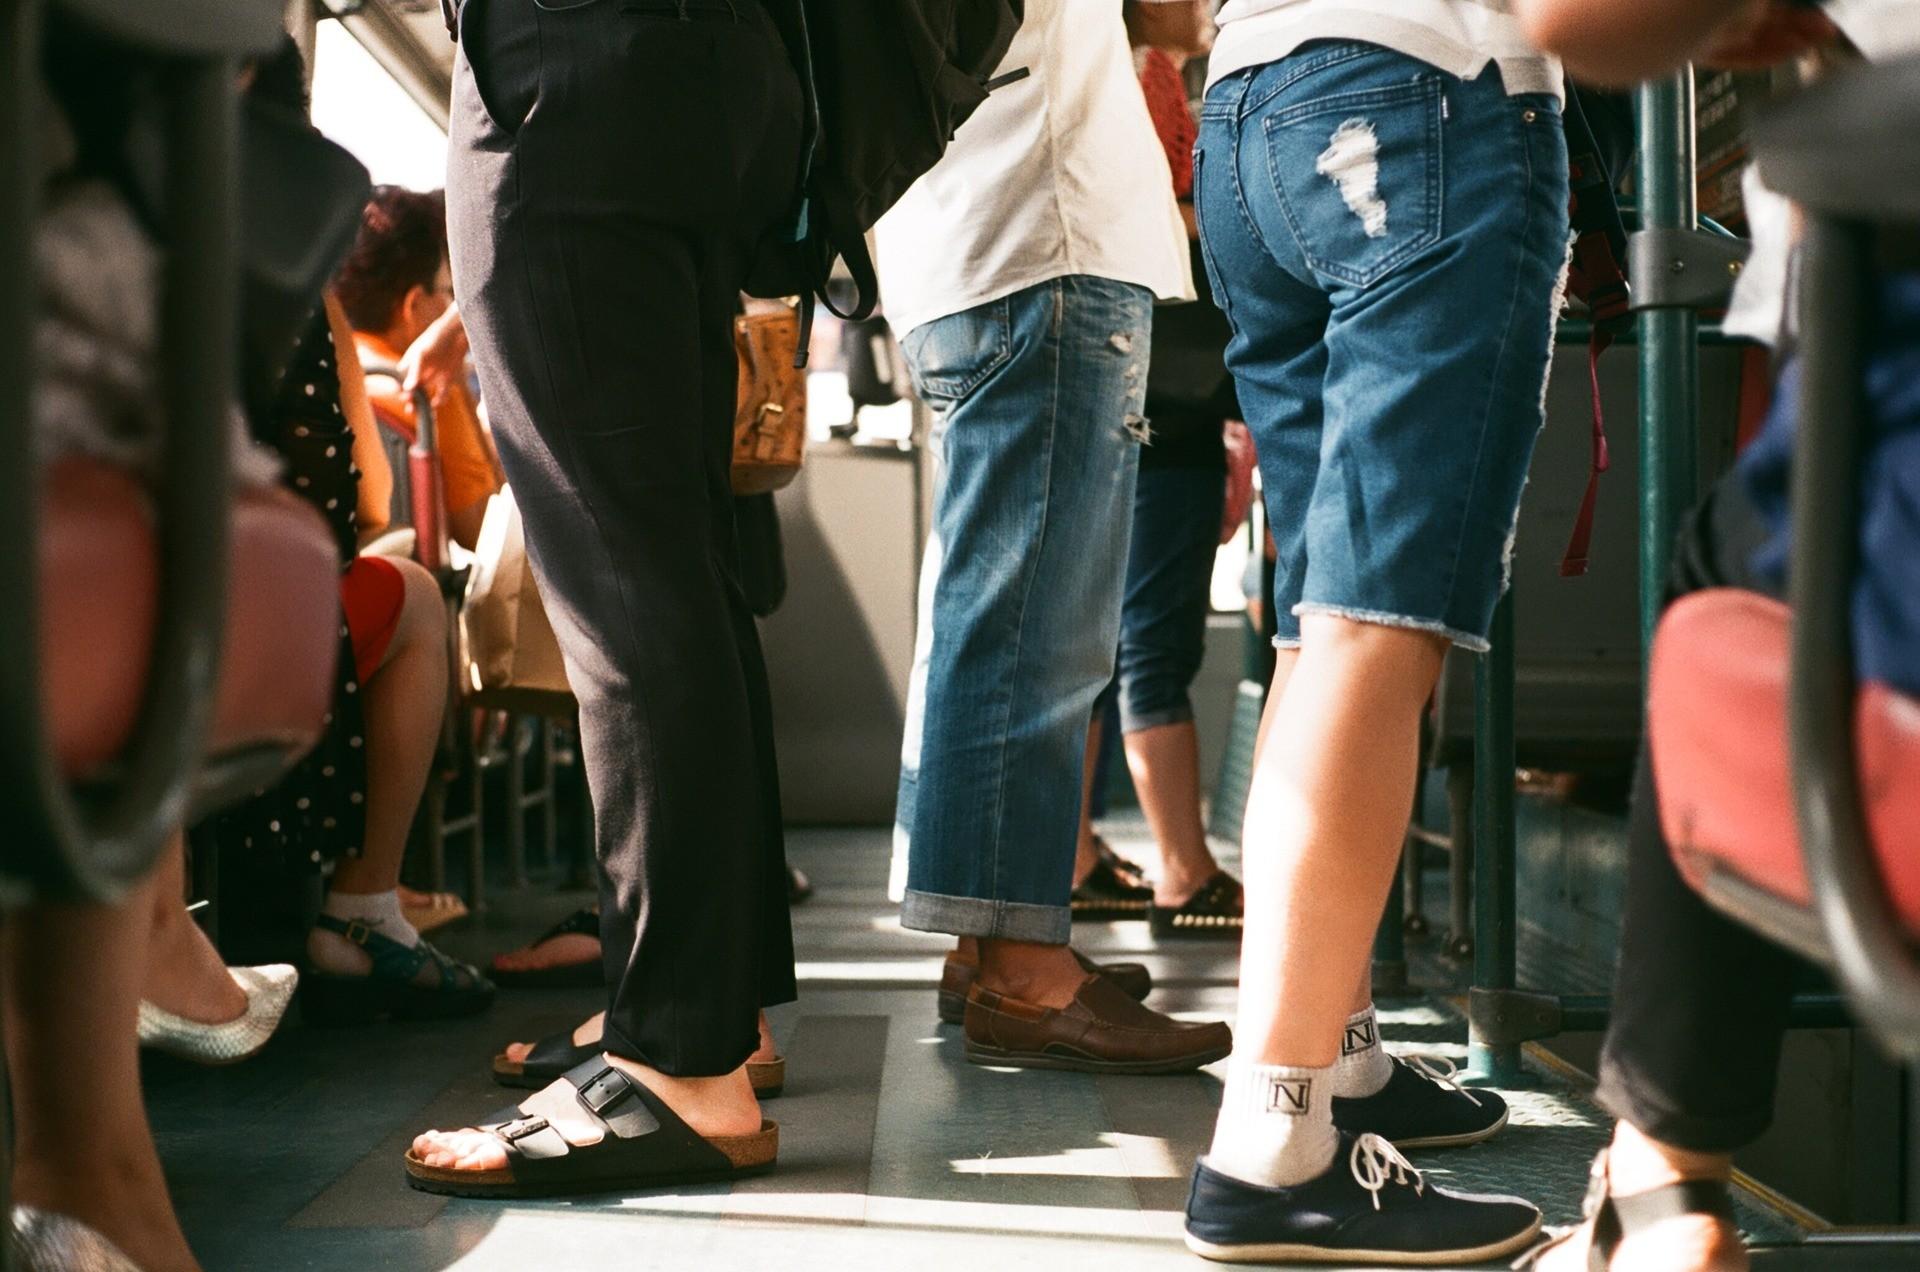 passagiers in de bus